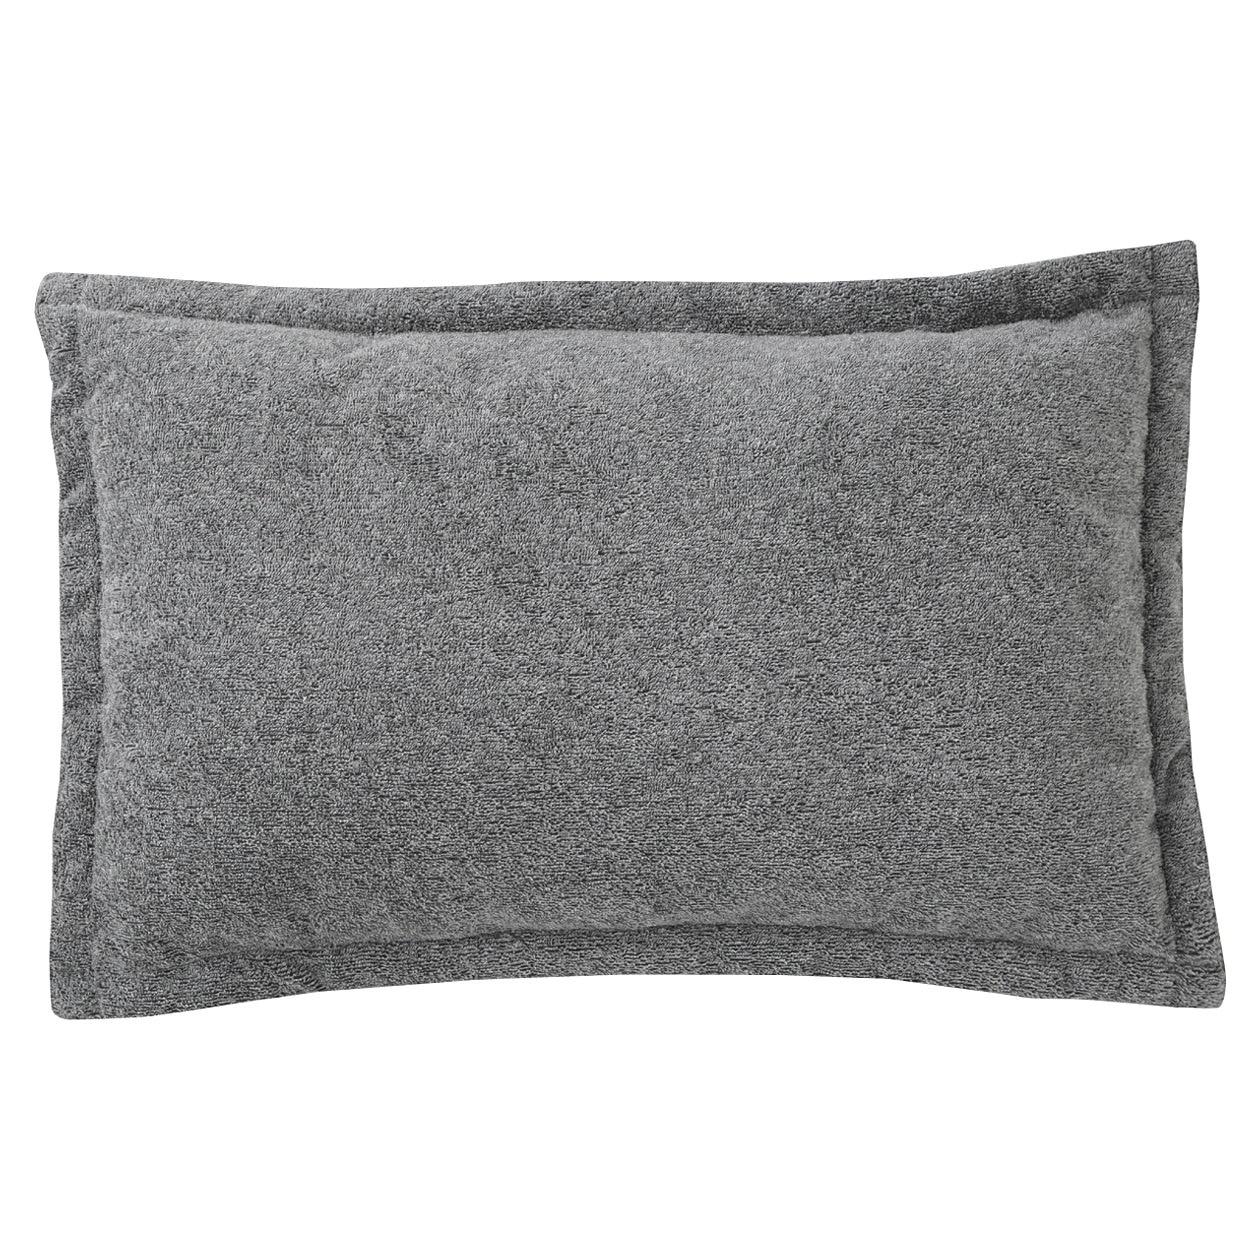 無印良品の洗えるミニ枕